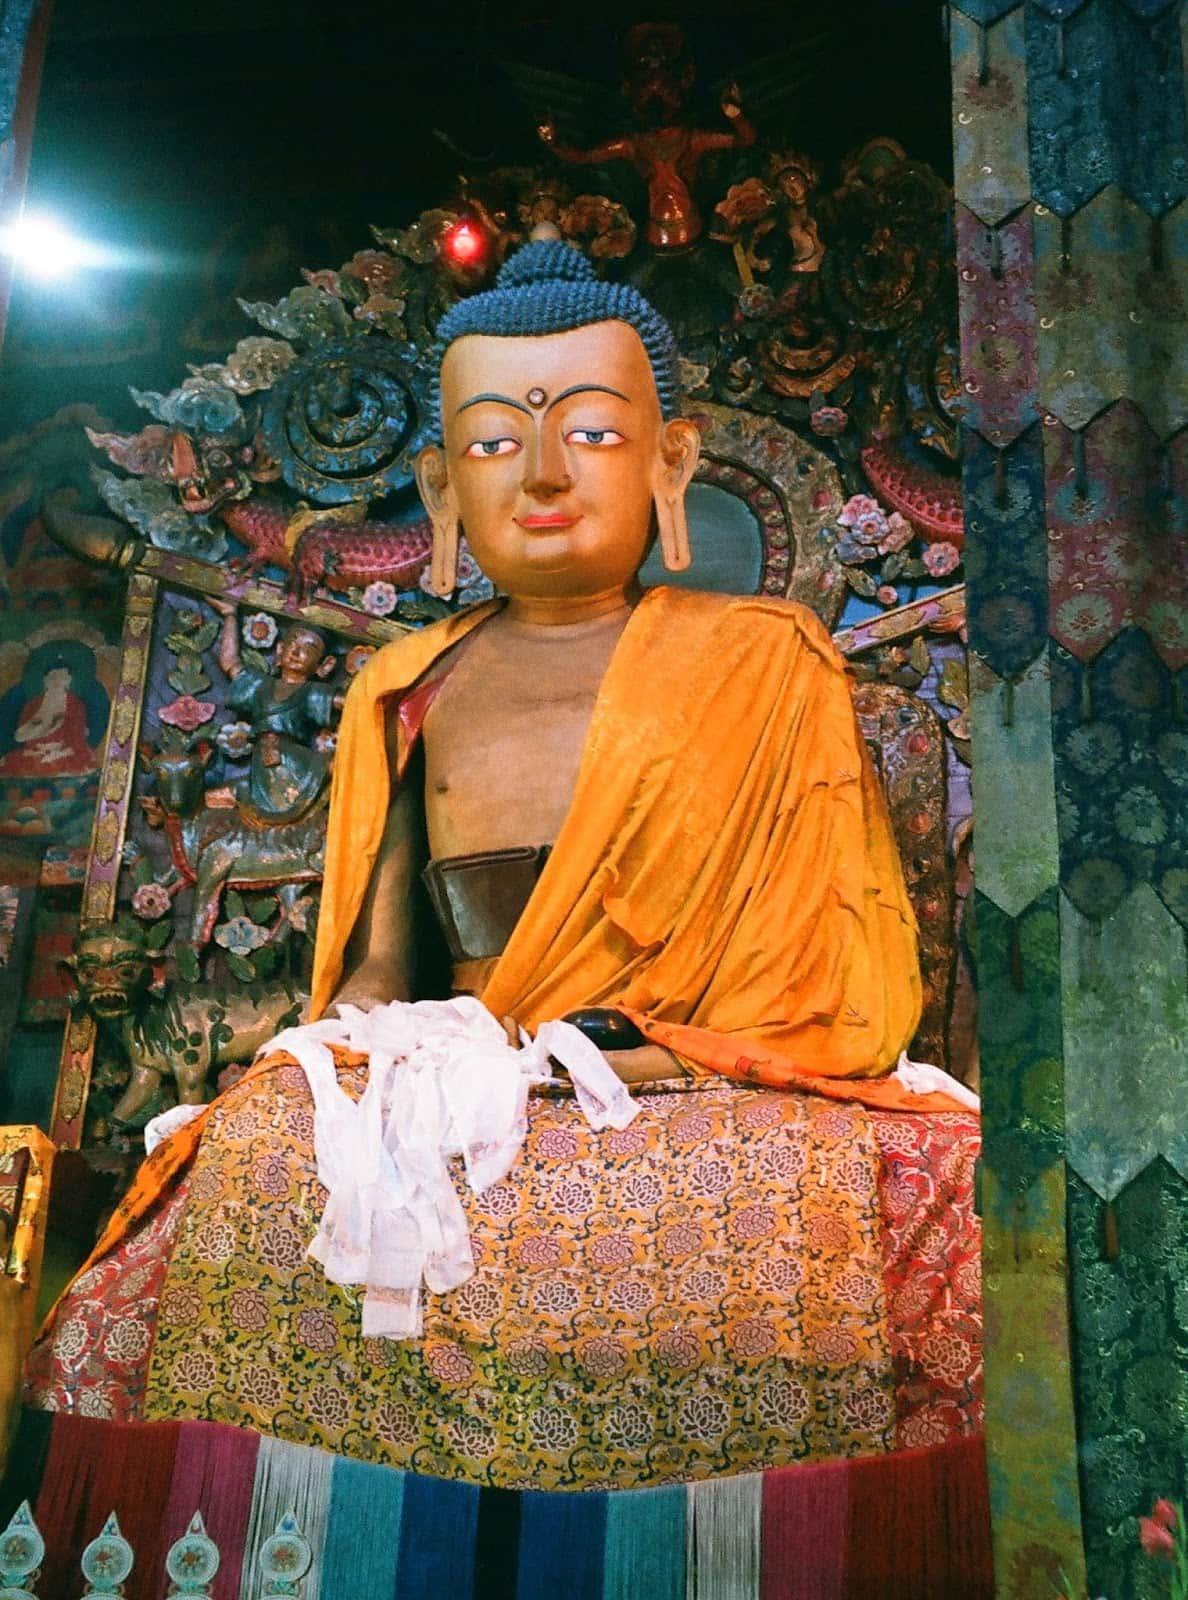 大吉嶺寺廟巡禮:不只藏傳佛教、印度教寺廟,還有教堂和日本寺廟?